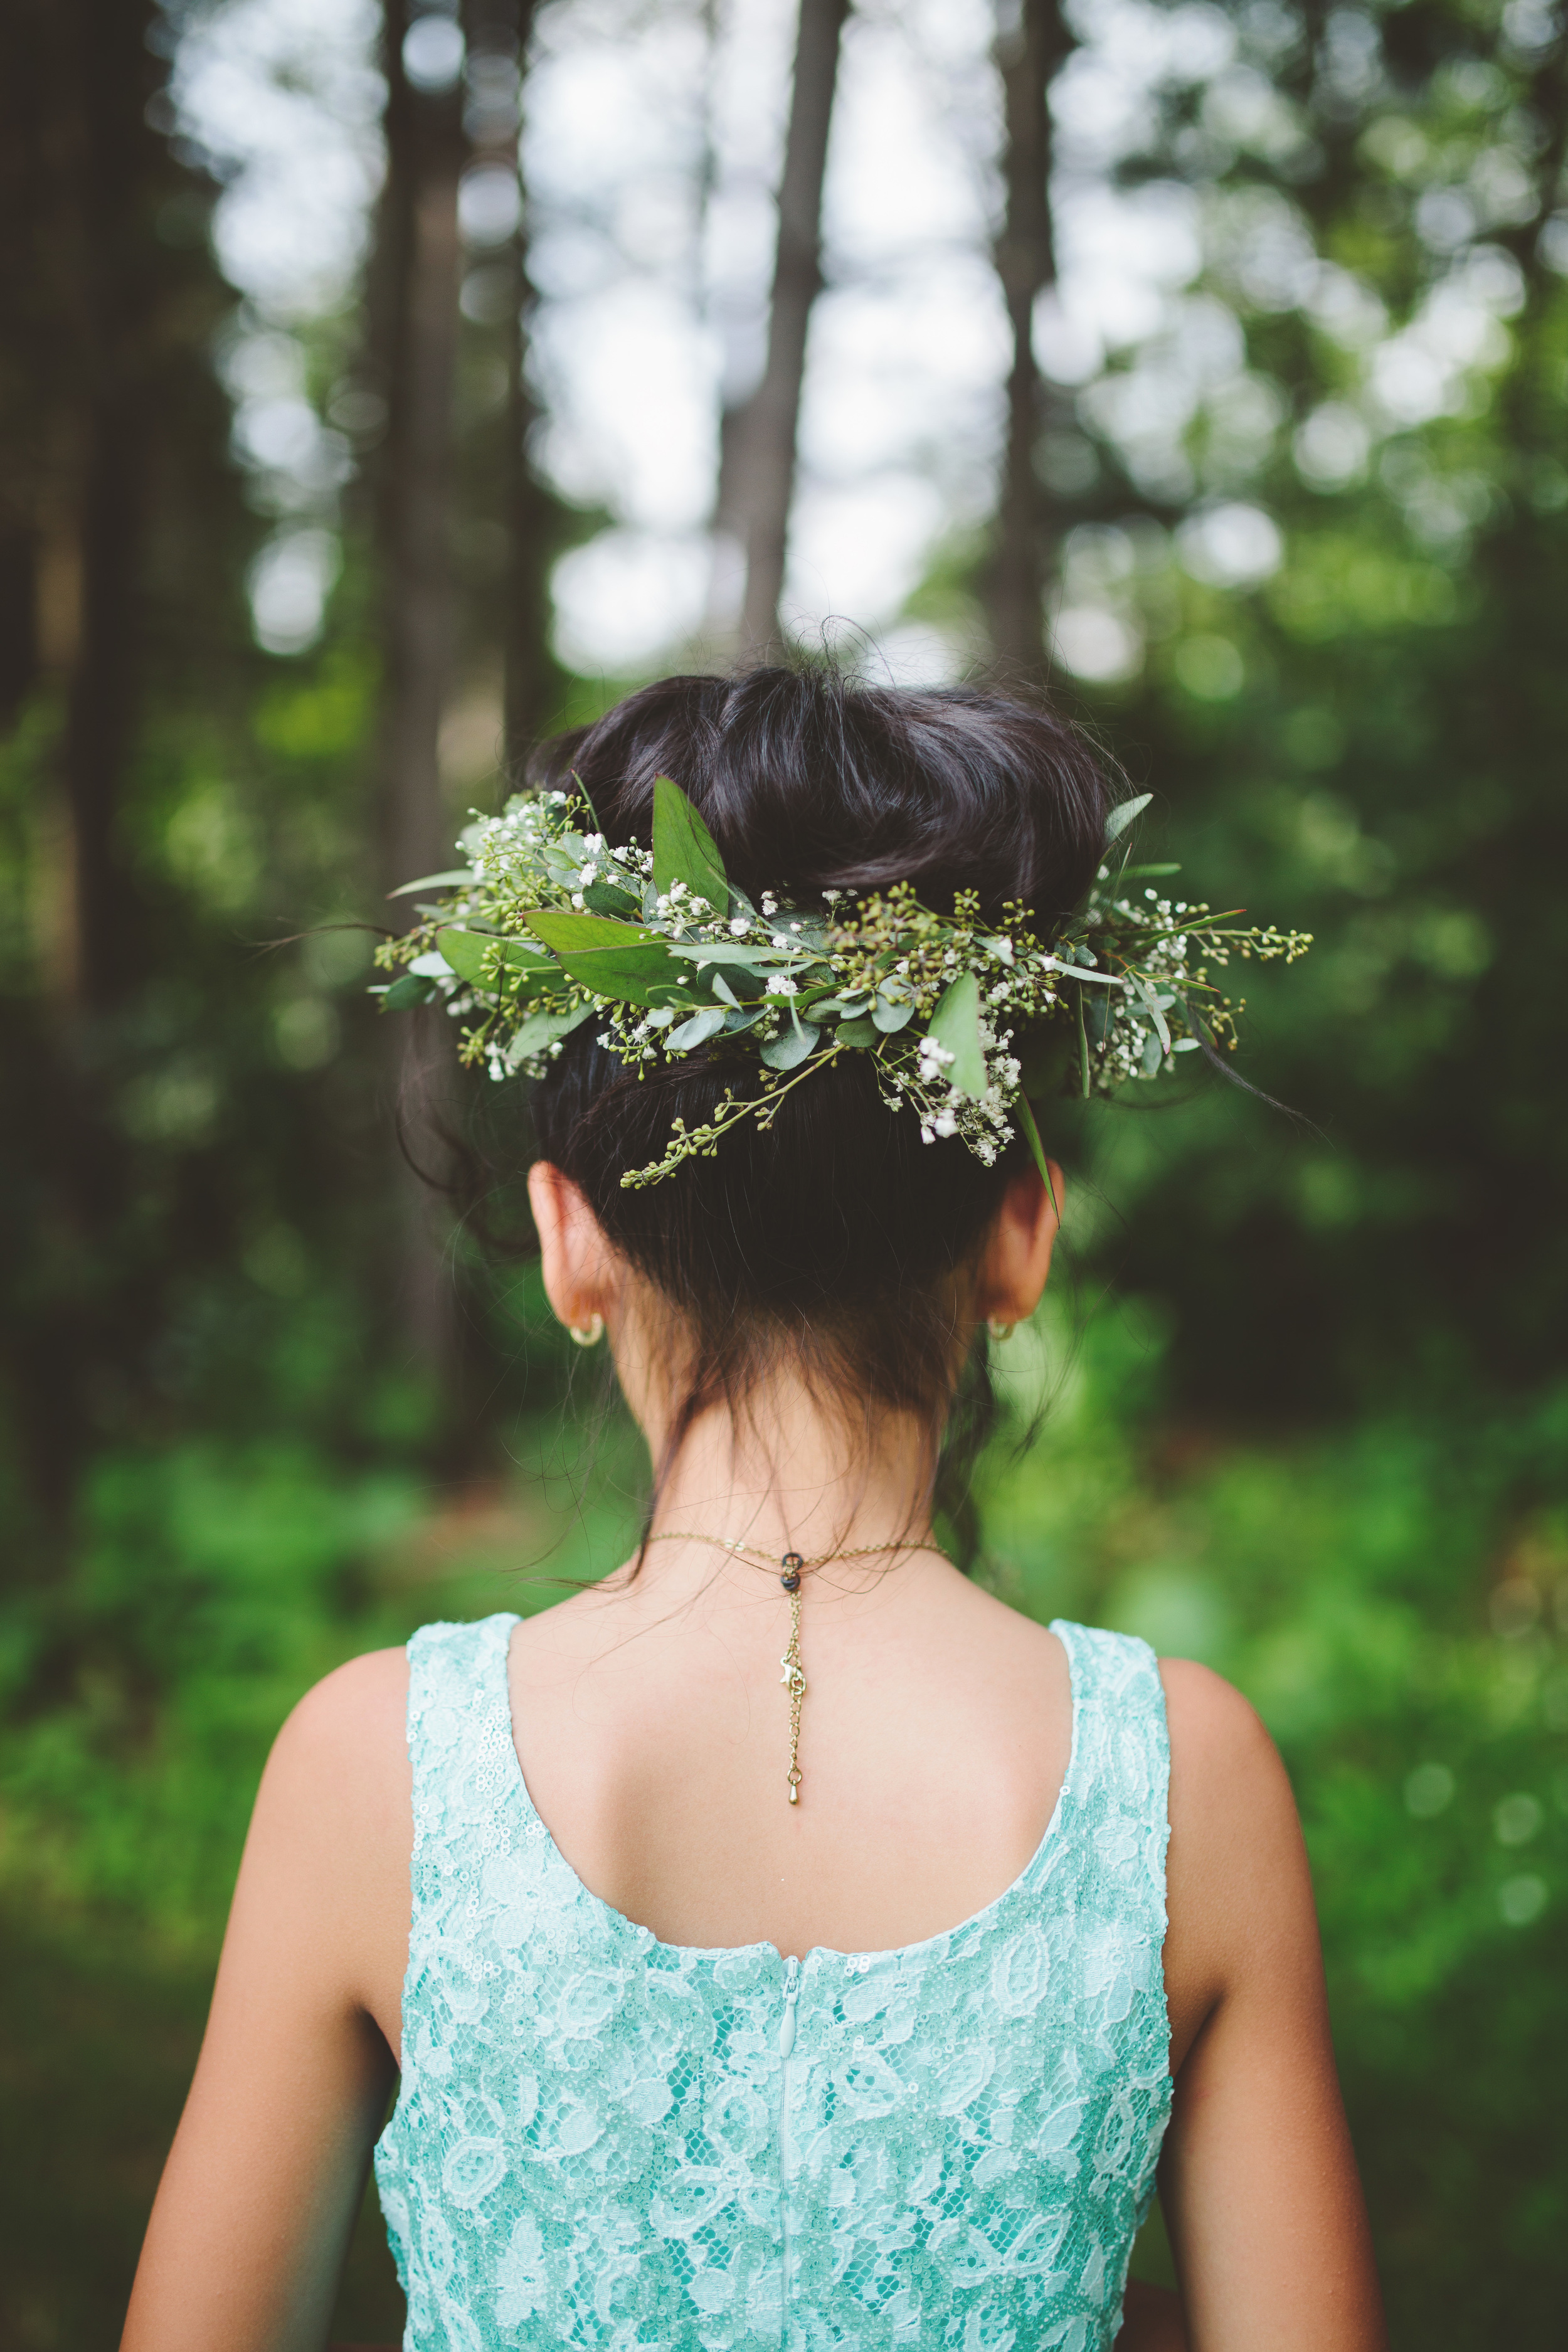 the-bees-knees-floral-design-studio-brainerd-mn-minnesota-florist-wedding-weddings-bride-greenery-crown